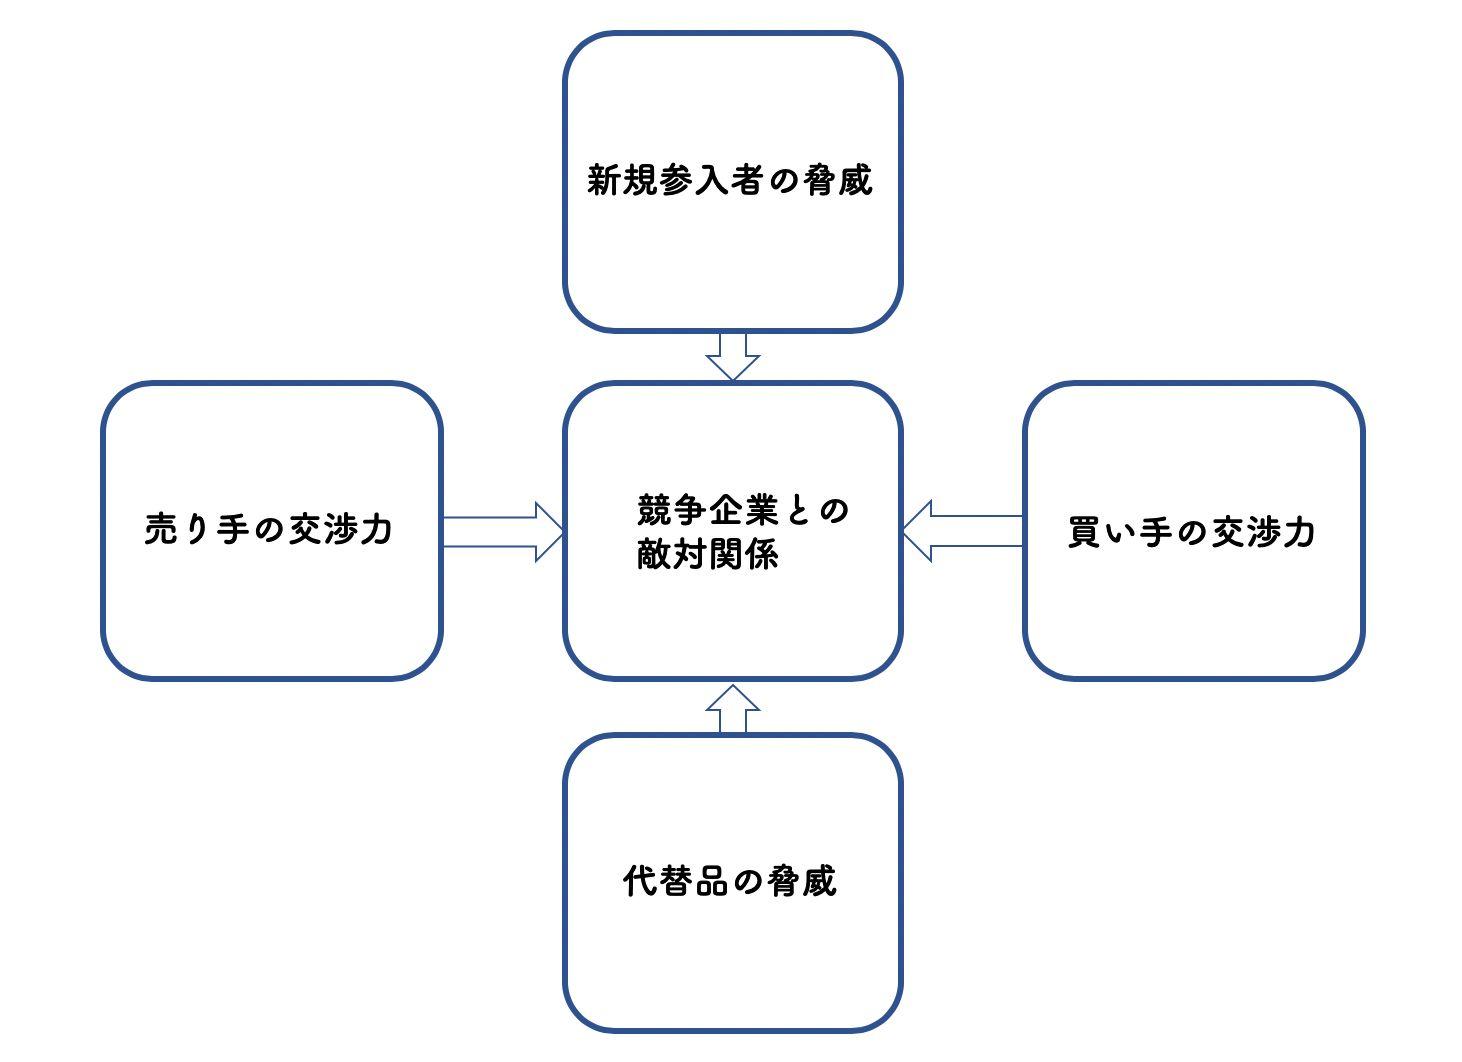 ポーターのファイブフォース分析